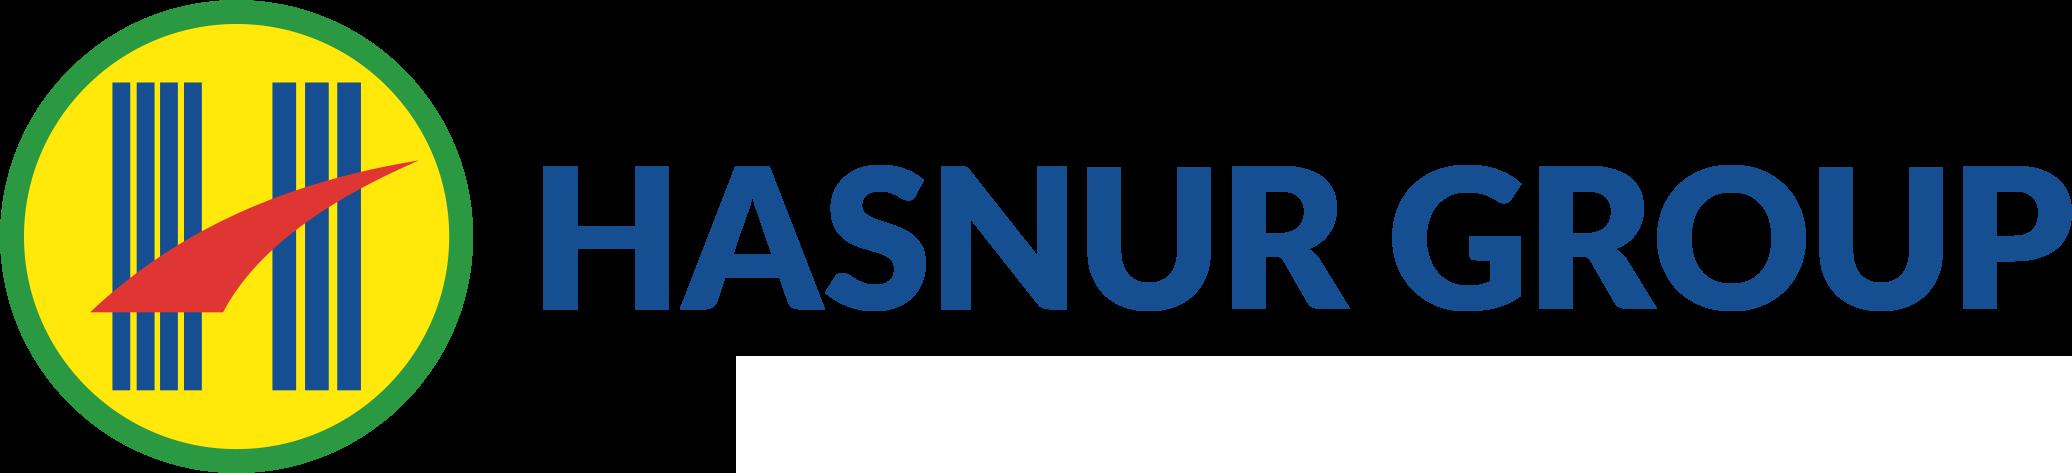 Hasnur Group